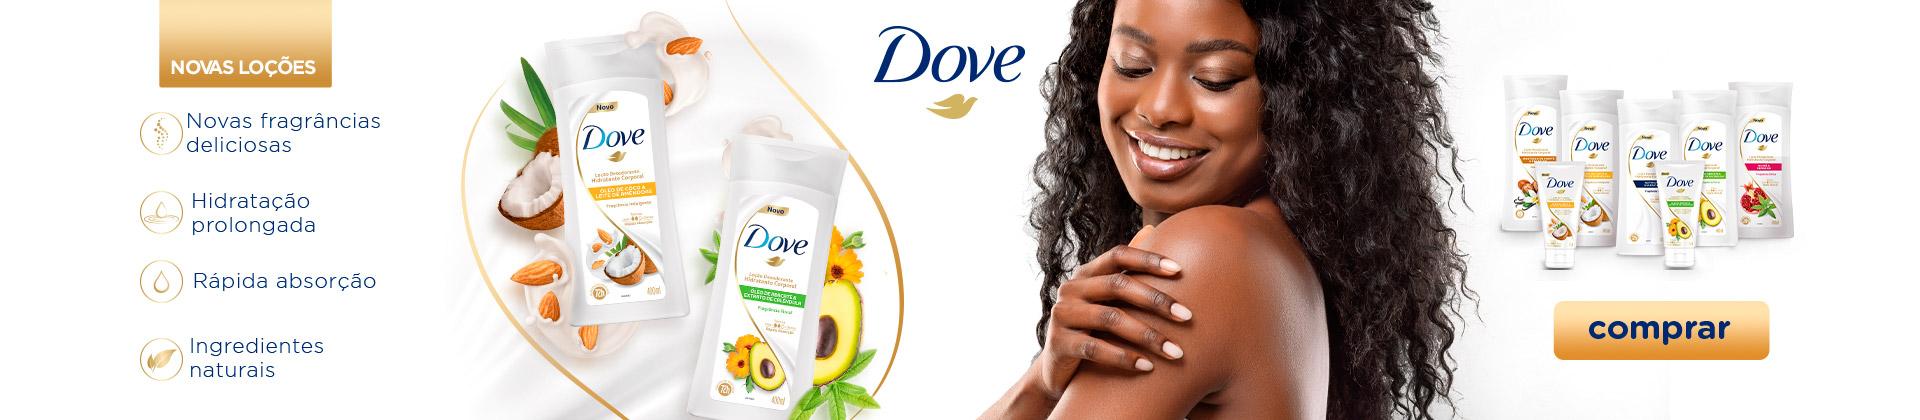 Institucional - Dove